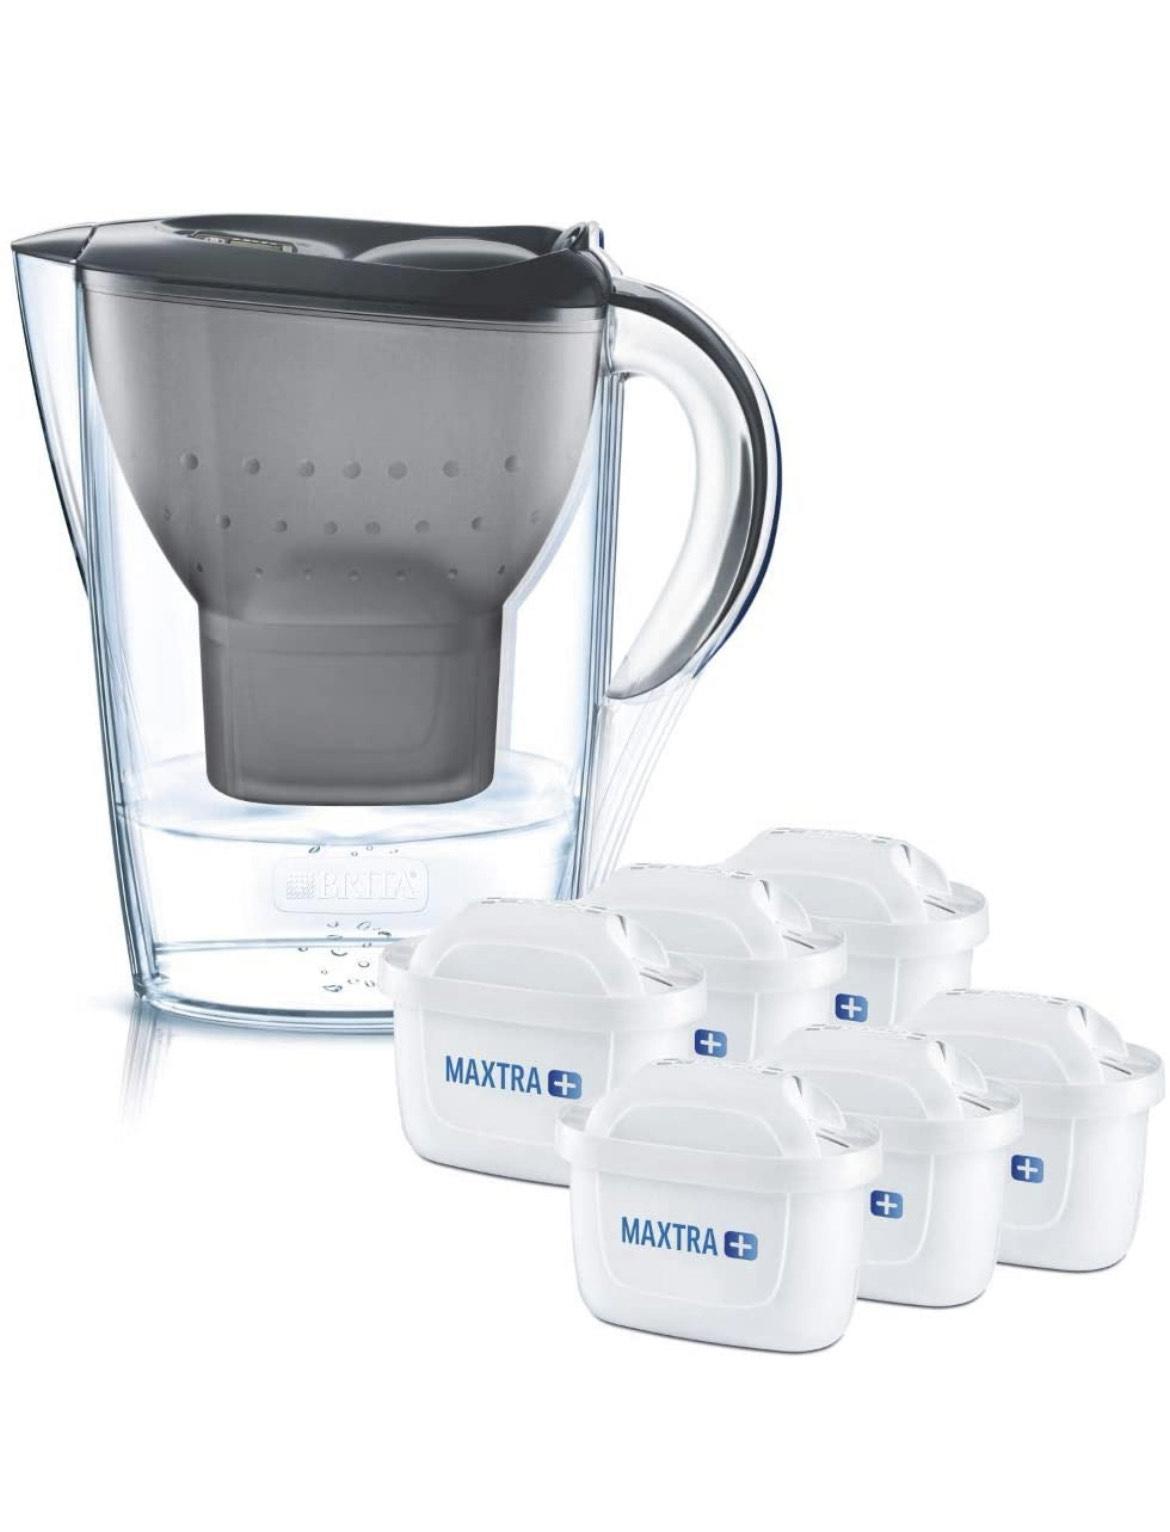 BRITA Wasserfilter Marella graphit inkl. 6 MAXTRA+ Filterkartuschen – BRITA Filter Starterpaket